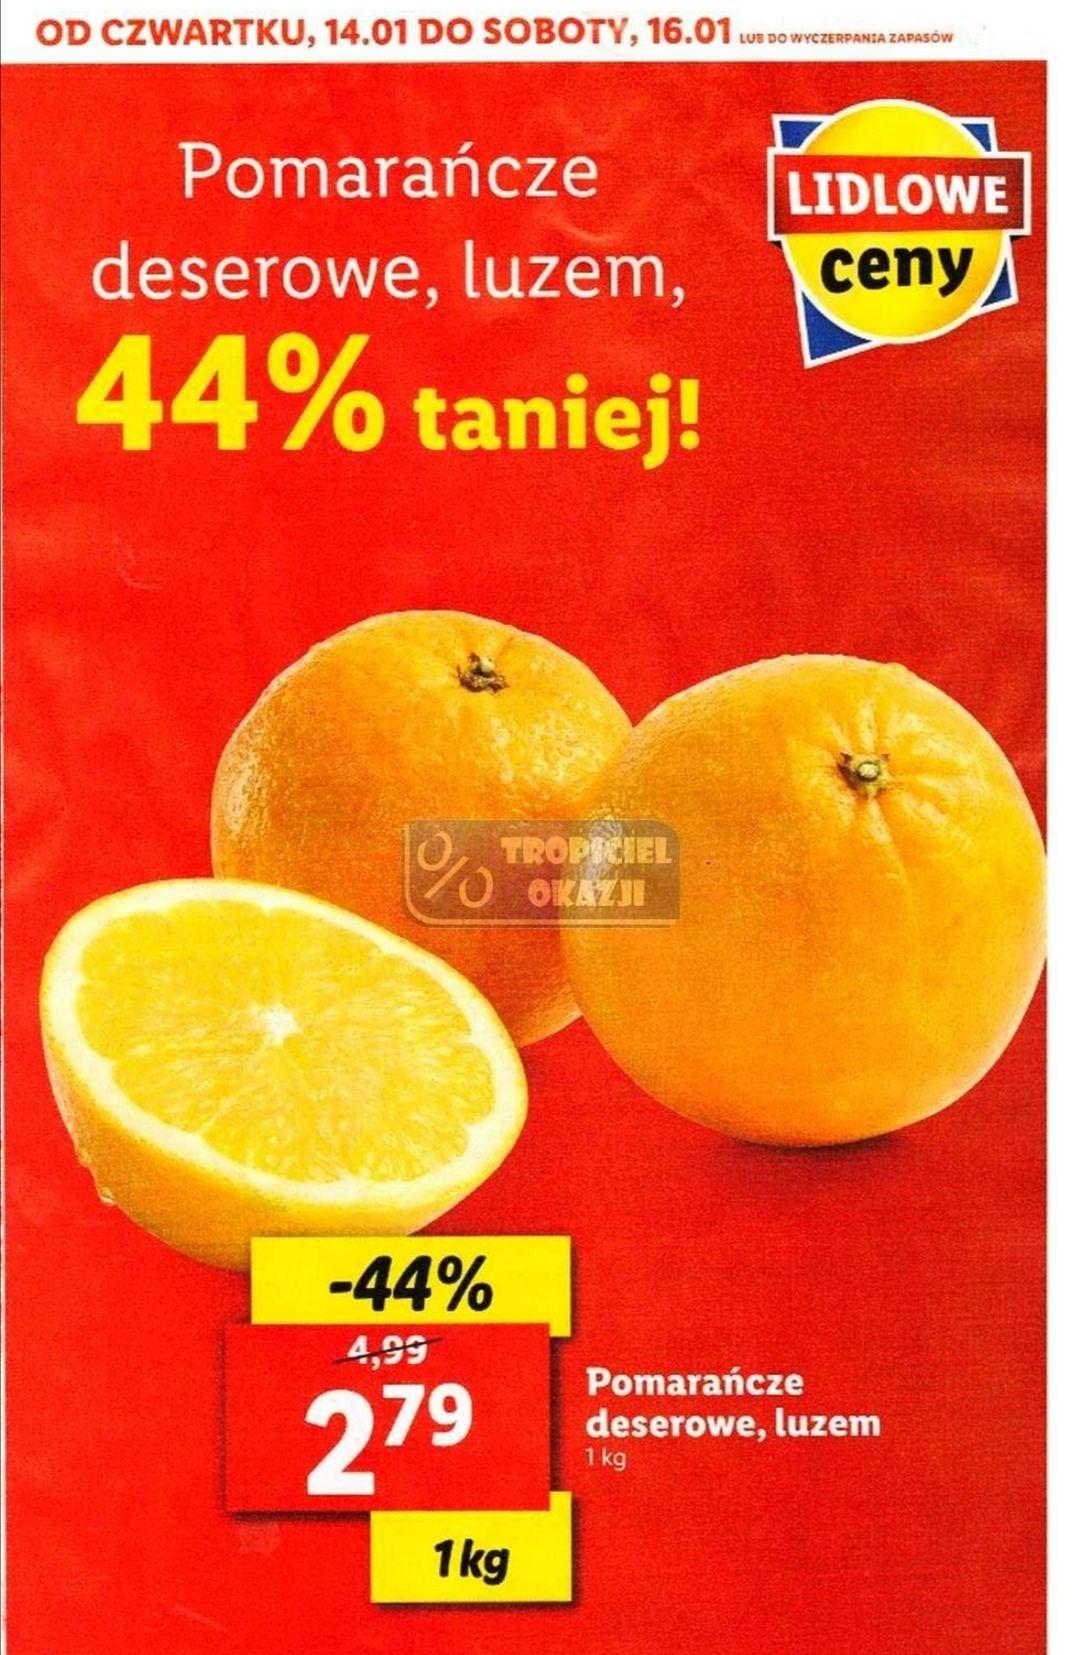 Pomarańcze deserowe 1kg Lidl